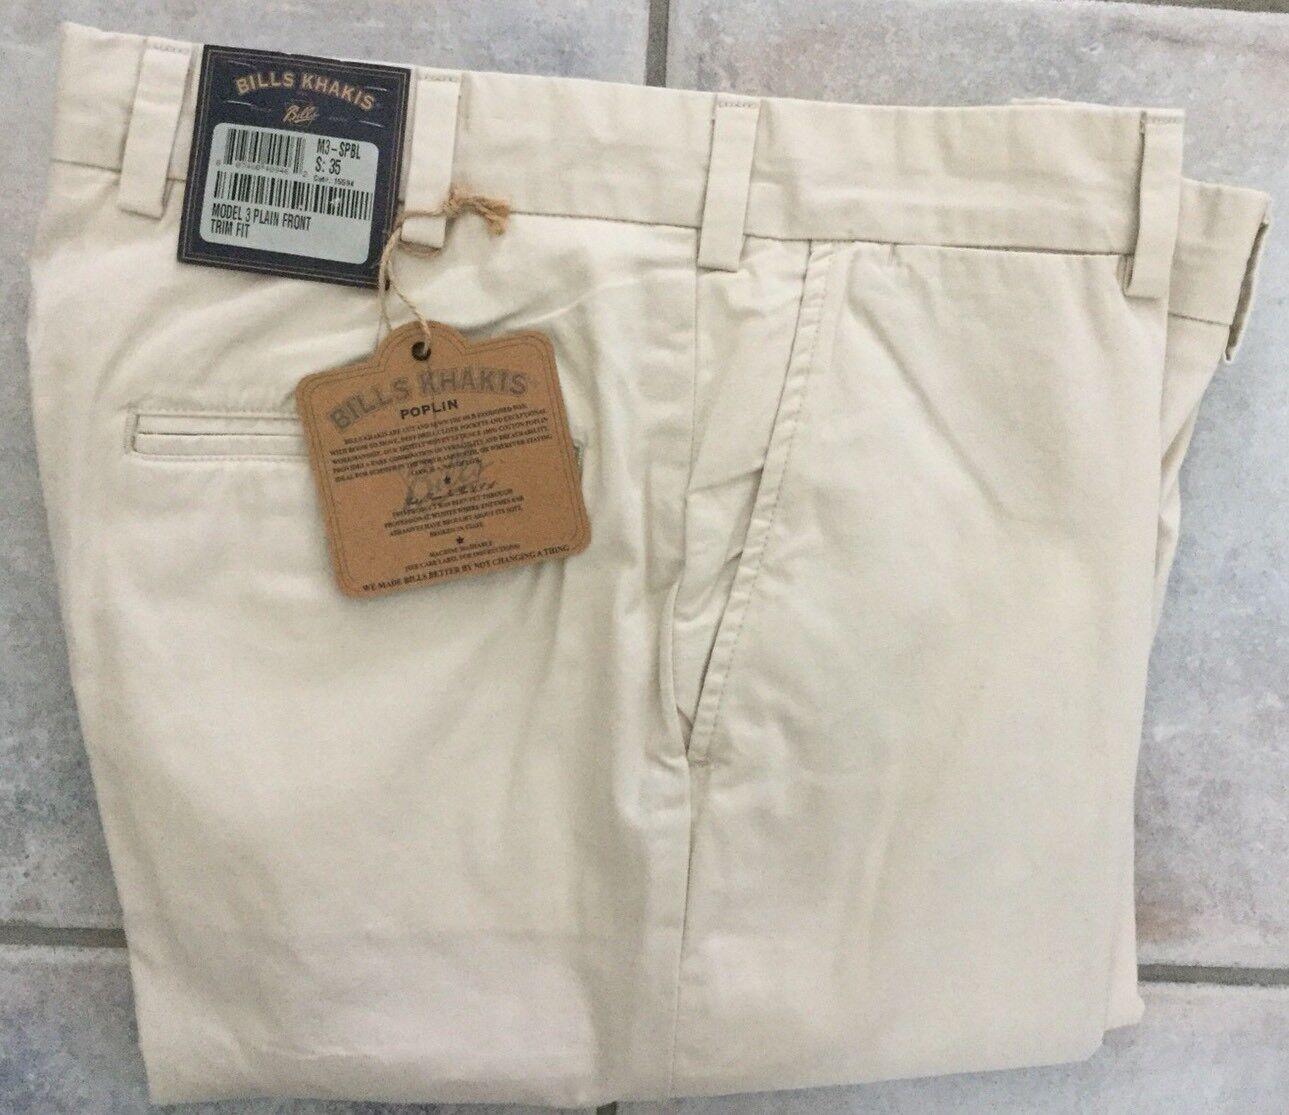 BRAND NEW -Bills khakis M3-SPBL Size 35 PLAIN FRONT TRIM FIT STONE POPLIN